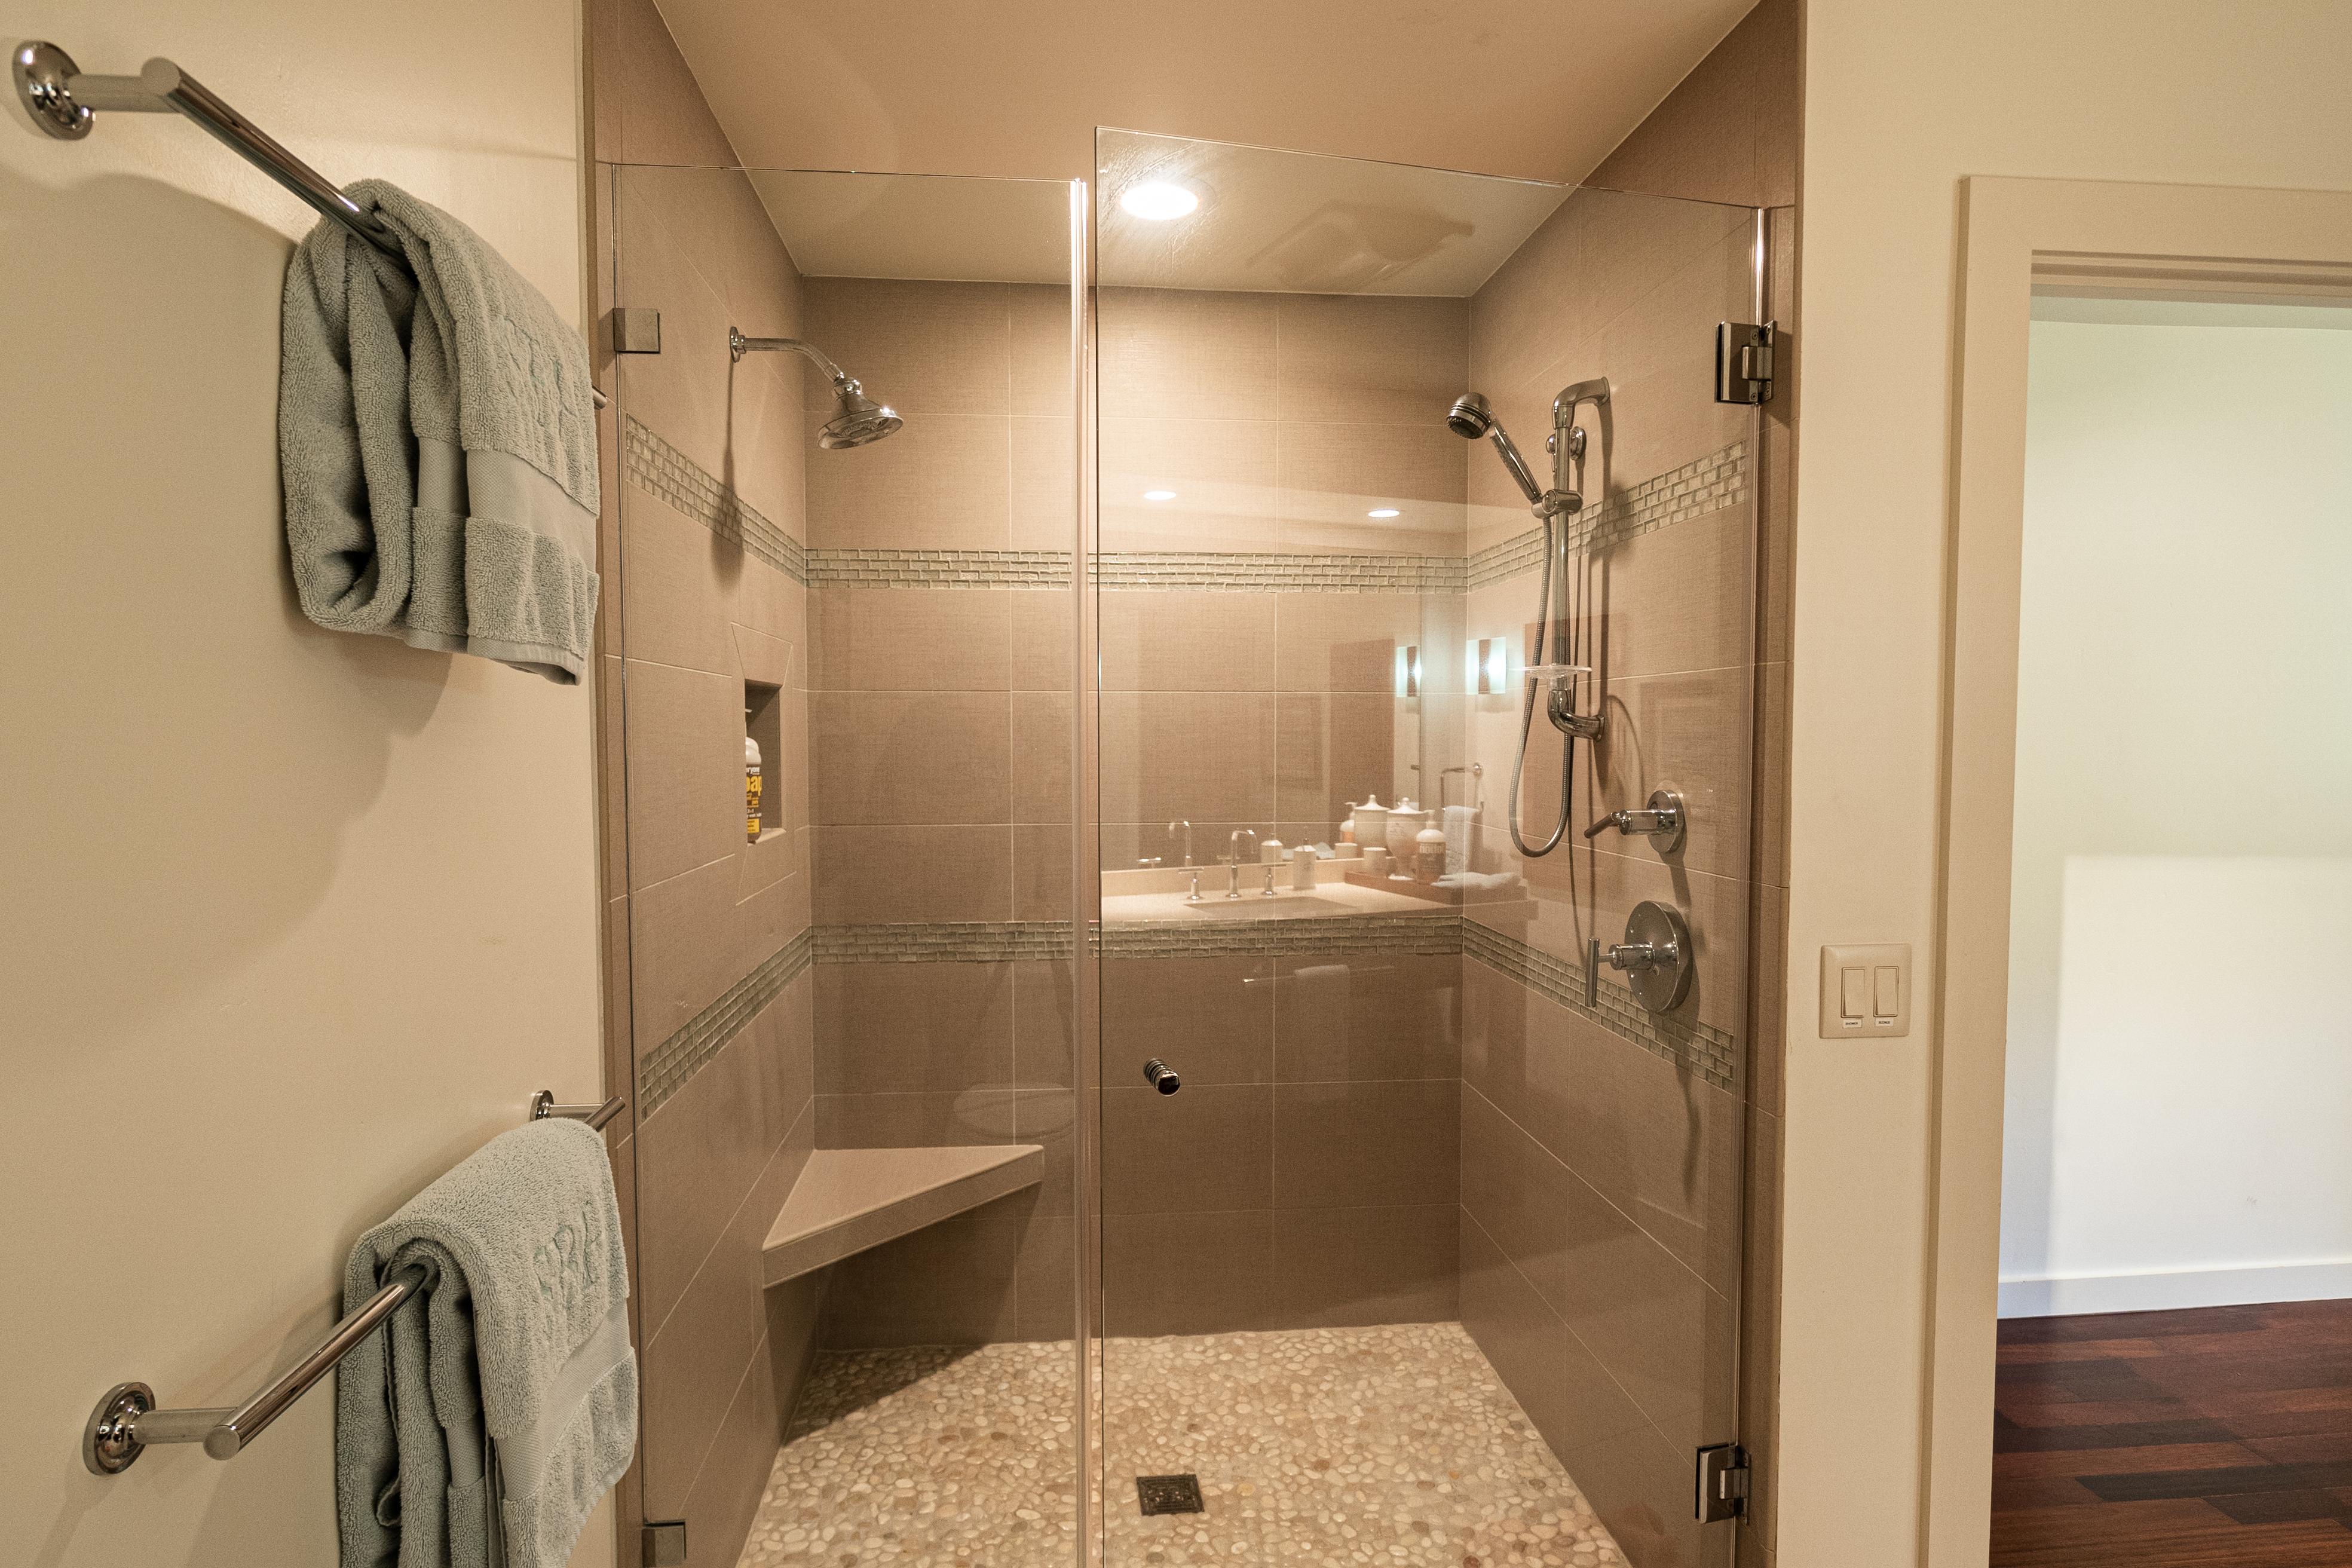 Interior 21 - Bathroom